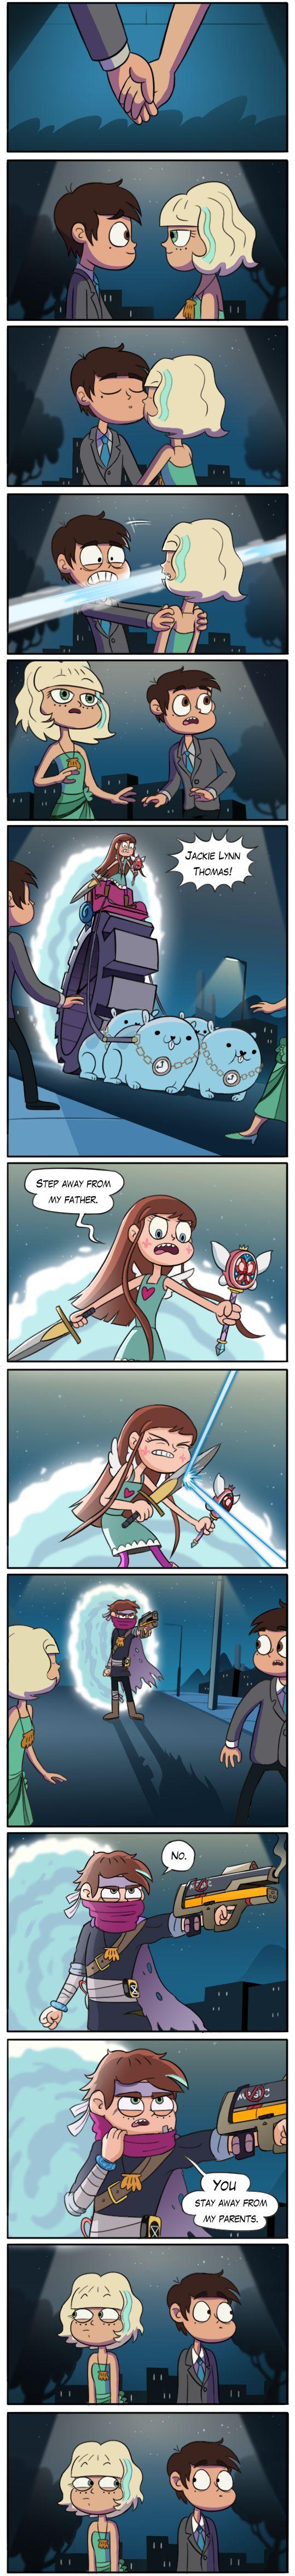 Star vs The Forces of evil - Ship war au part 1